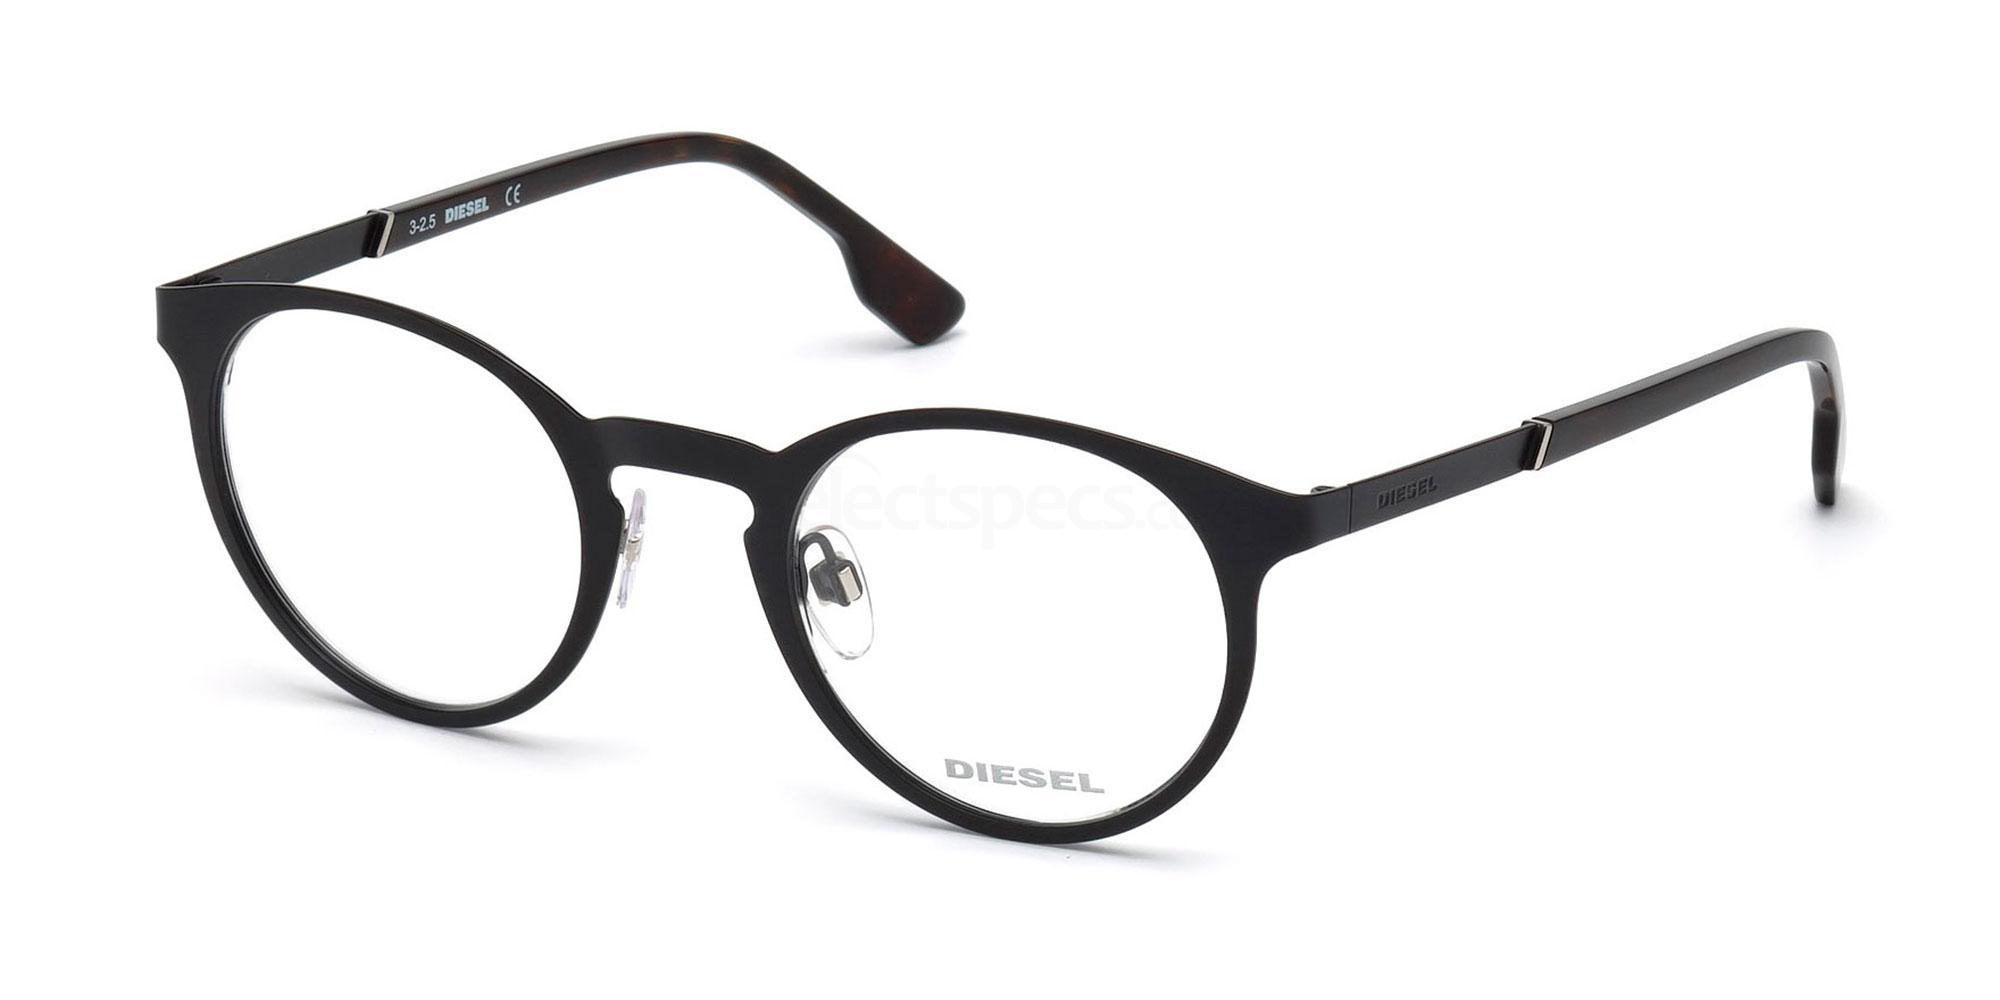 002 DL5200 Glasses, Diesel